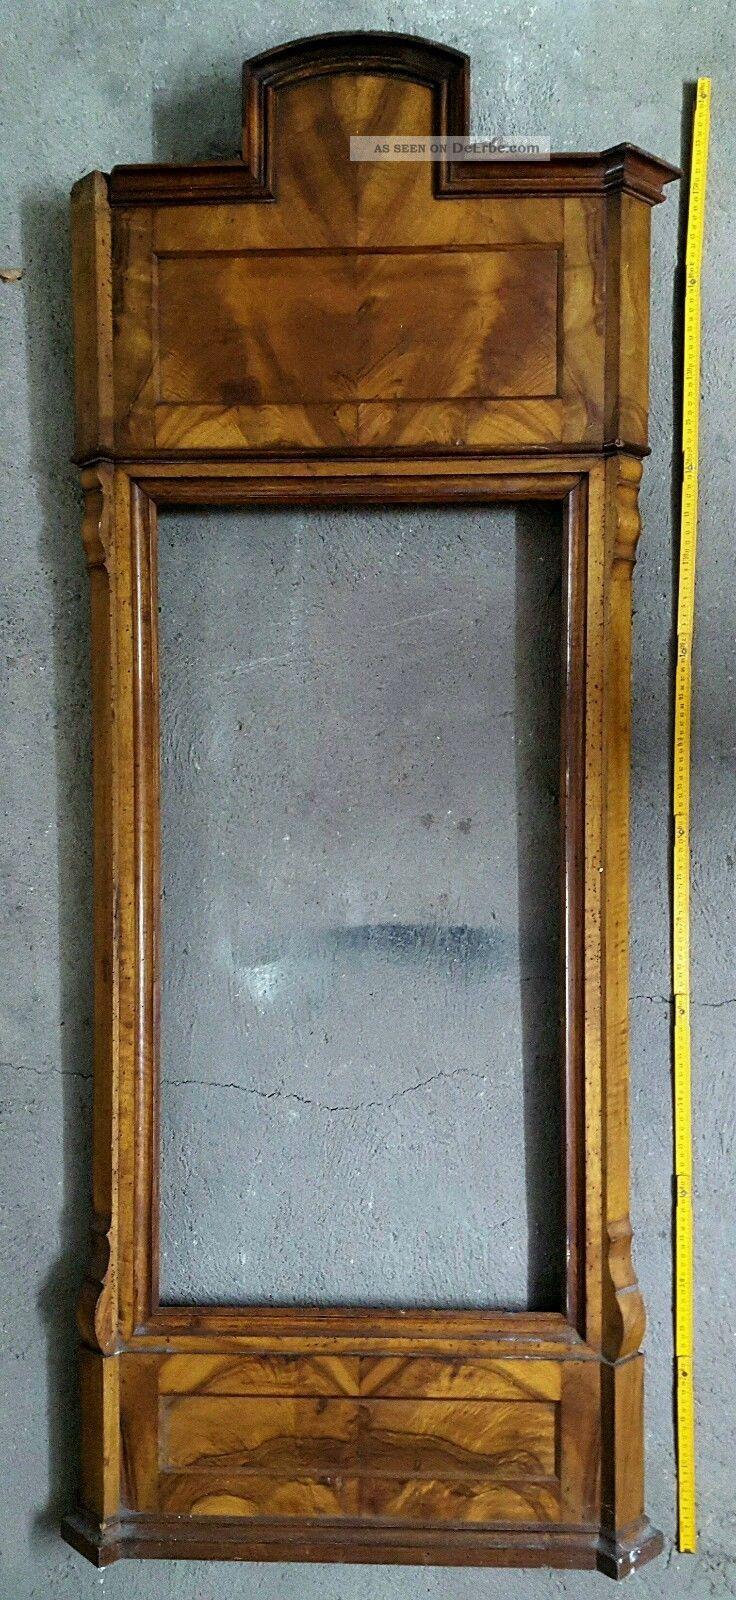 Spiegelrahmen Antik Von 1800 Antike Bild